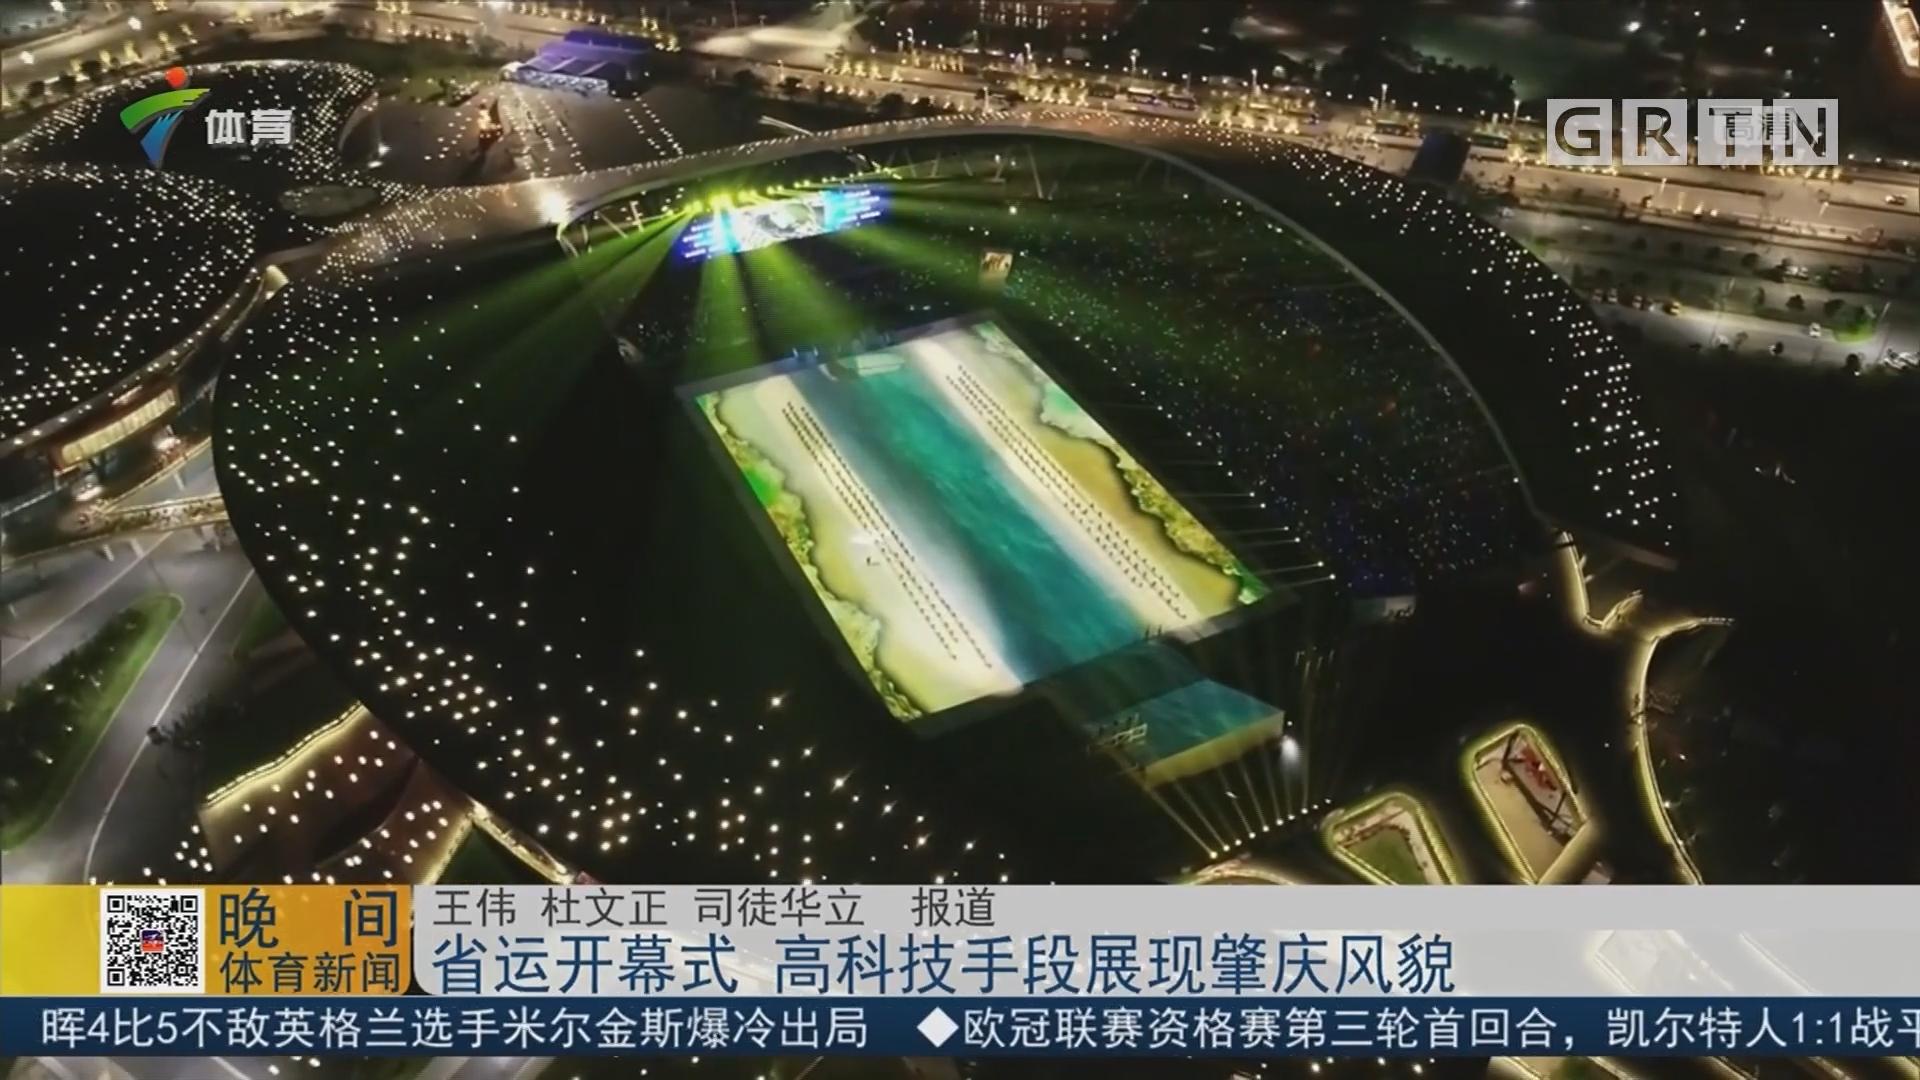 省运开幕式 高科技手段展现肇庆风貌